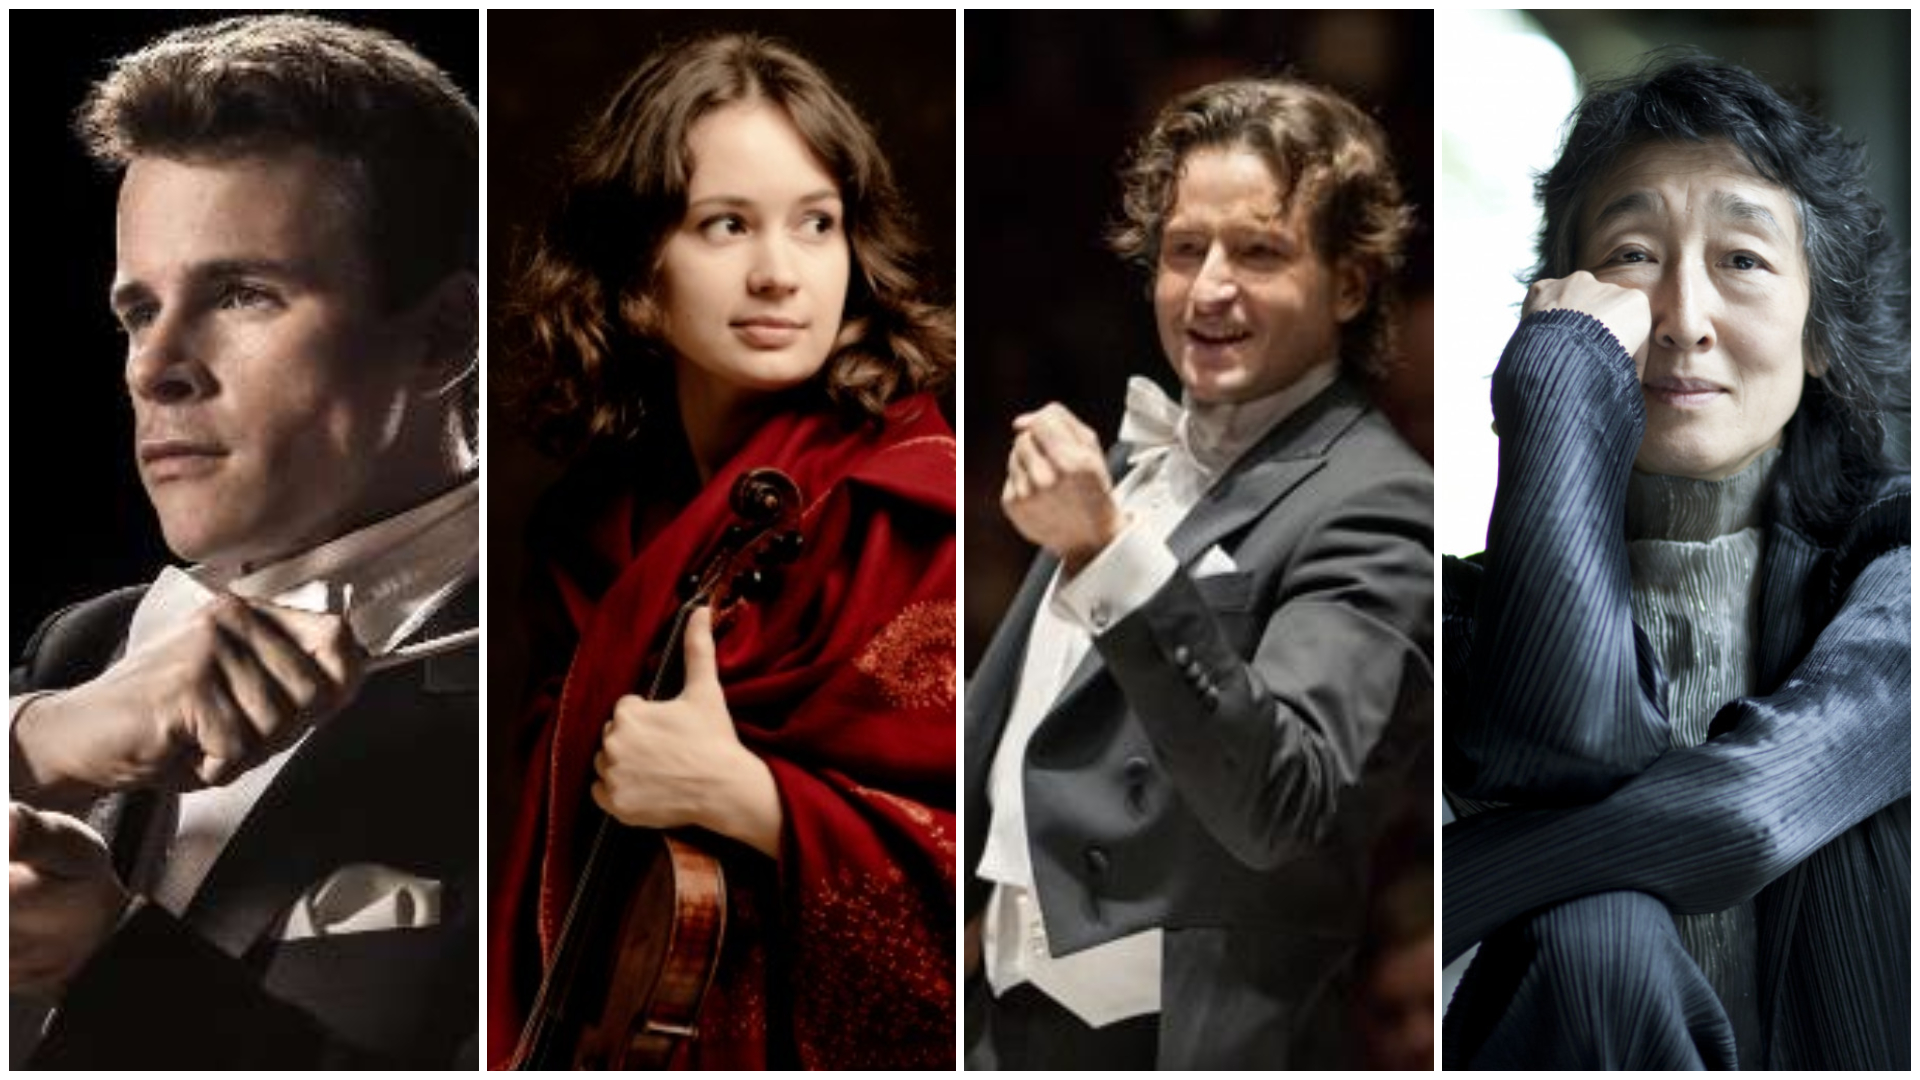 La Sinfónica de Bamberg celebra su 75º aniversario en la temporada 20/21